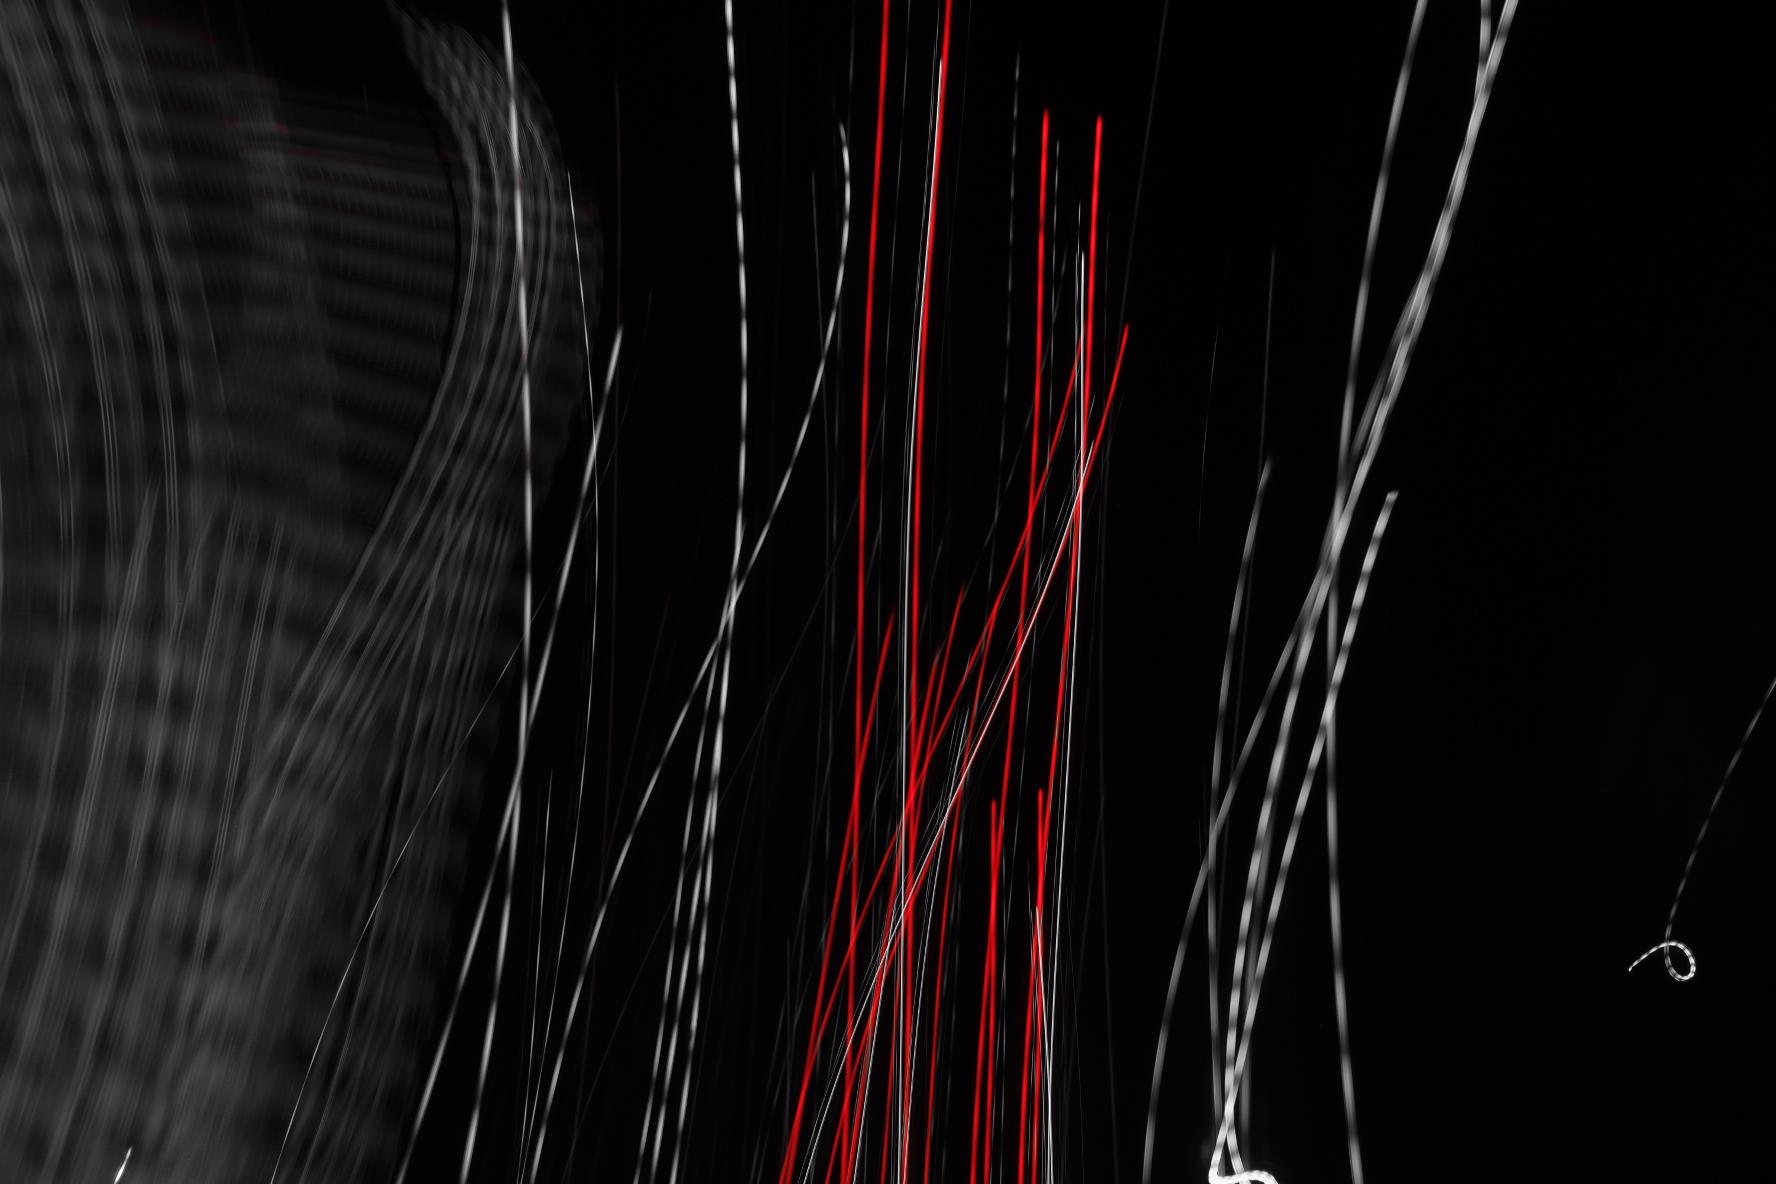 Fujifilm XPro2 Fujinon XF14mmf2.8      Light Painting                   Ryan Keinath